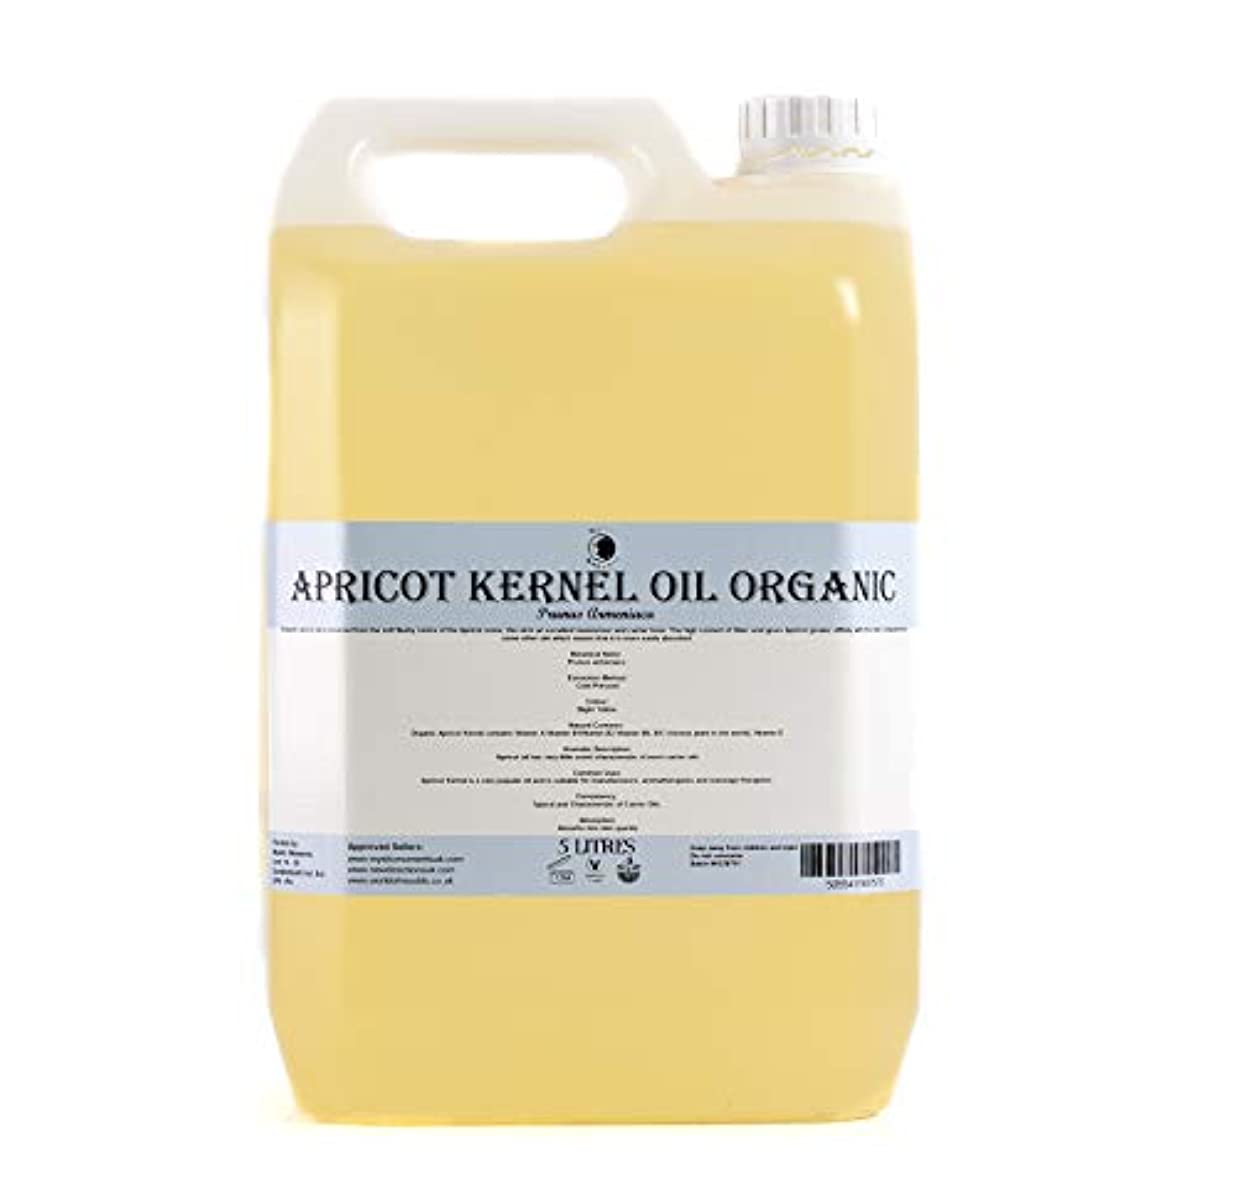 レガシーパーフェルビッド作曲家Mystic Moments | Apricot Kernel Organic Carrier Oil - 5 Litres - 100% Pure